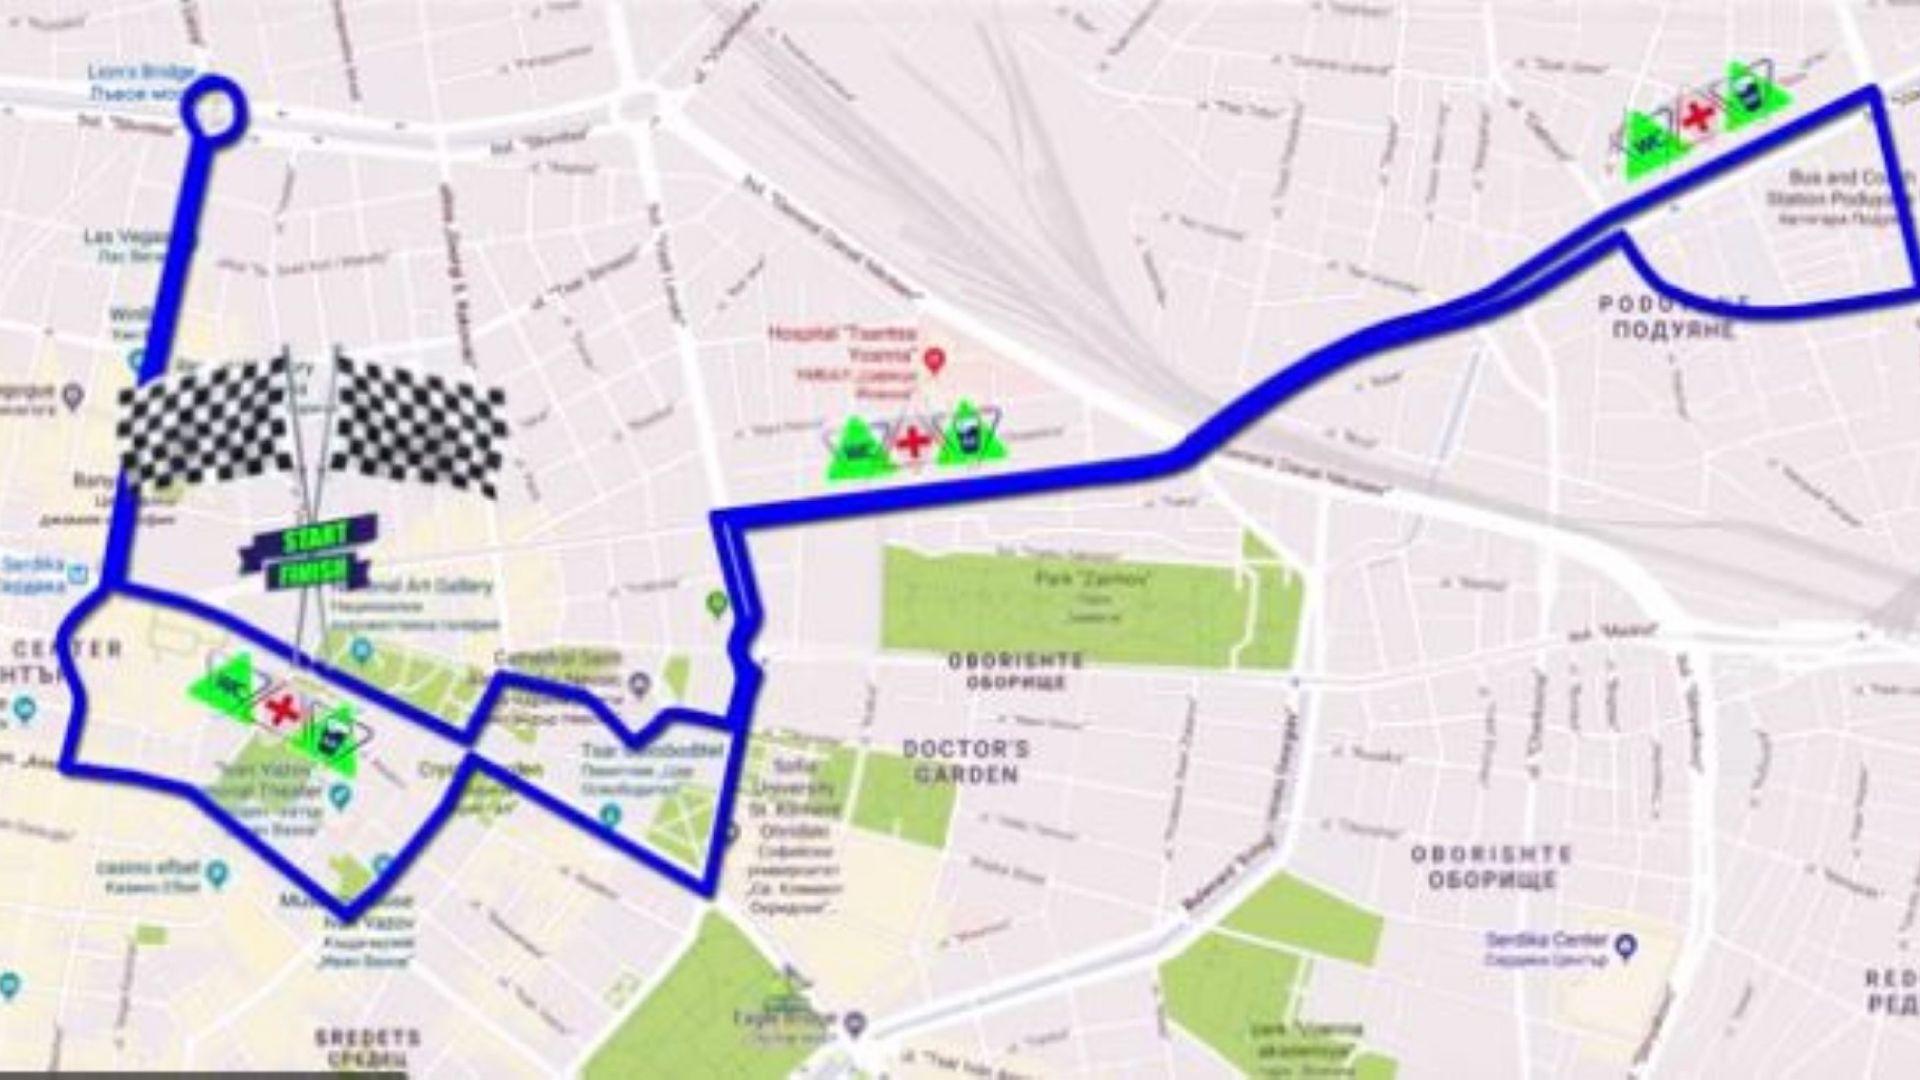 Маратонът на София започва в неделя, 9.30 часа: как ще се движи транспортът